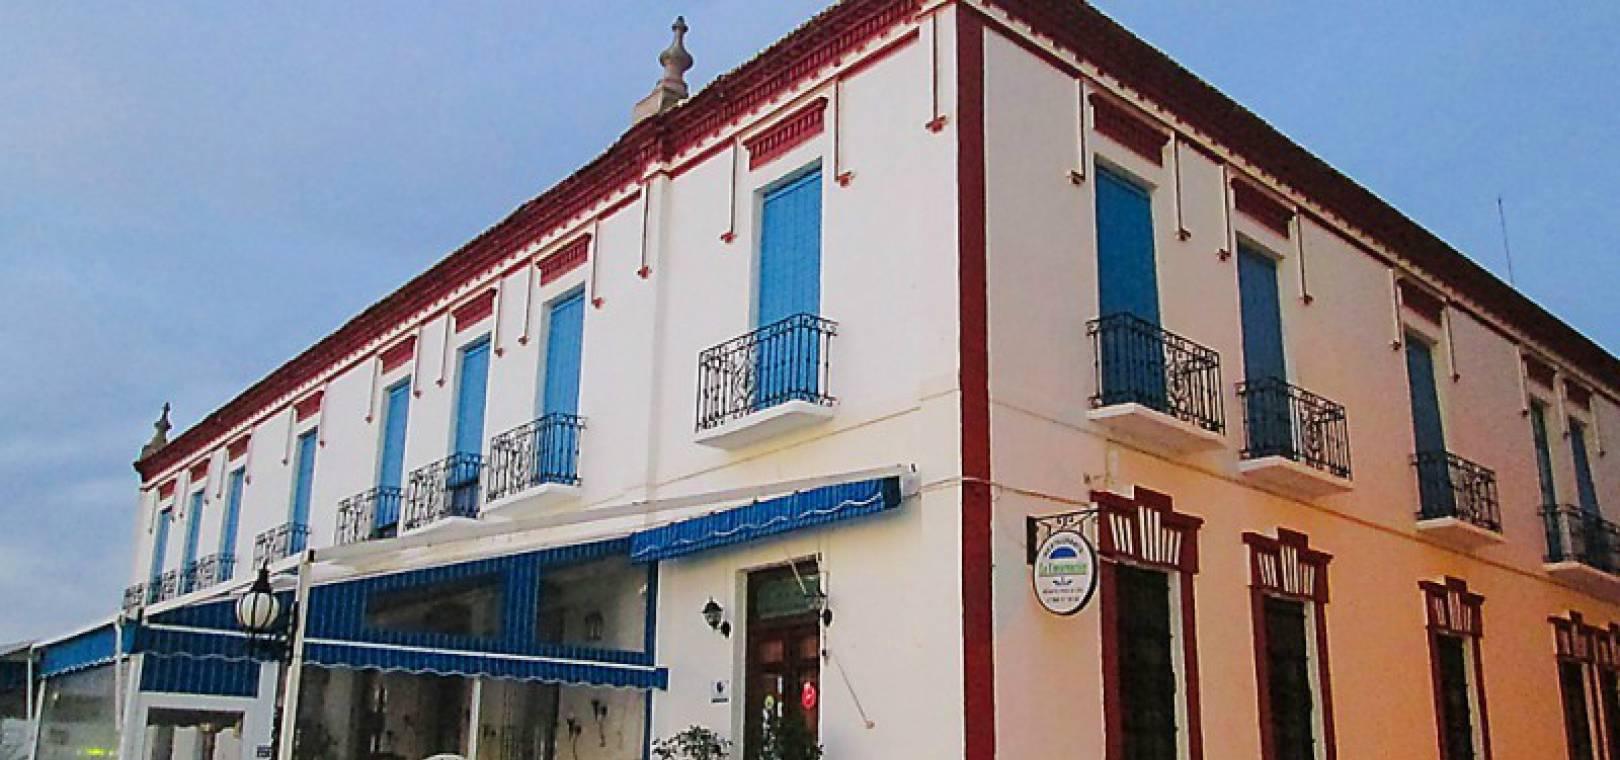 Nouvelle construction - Villa - Los Alcazares